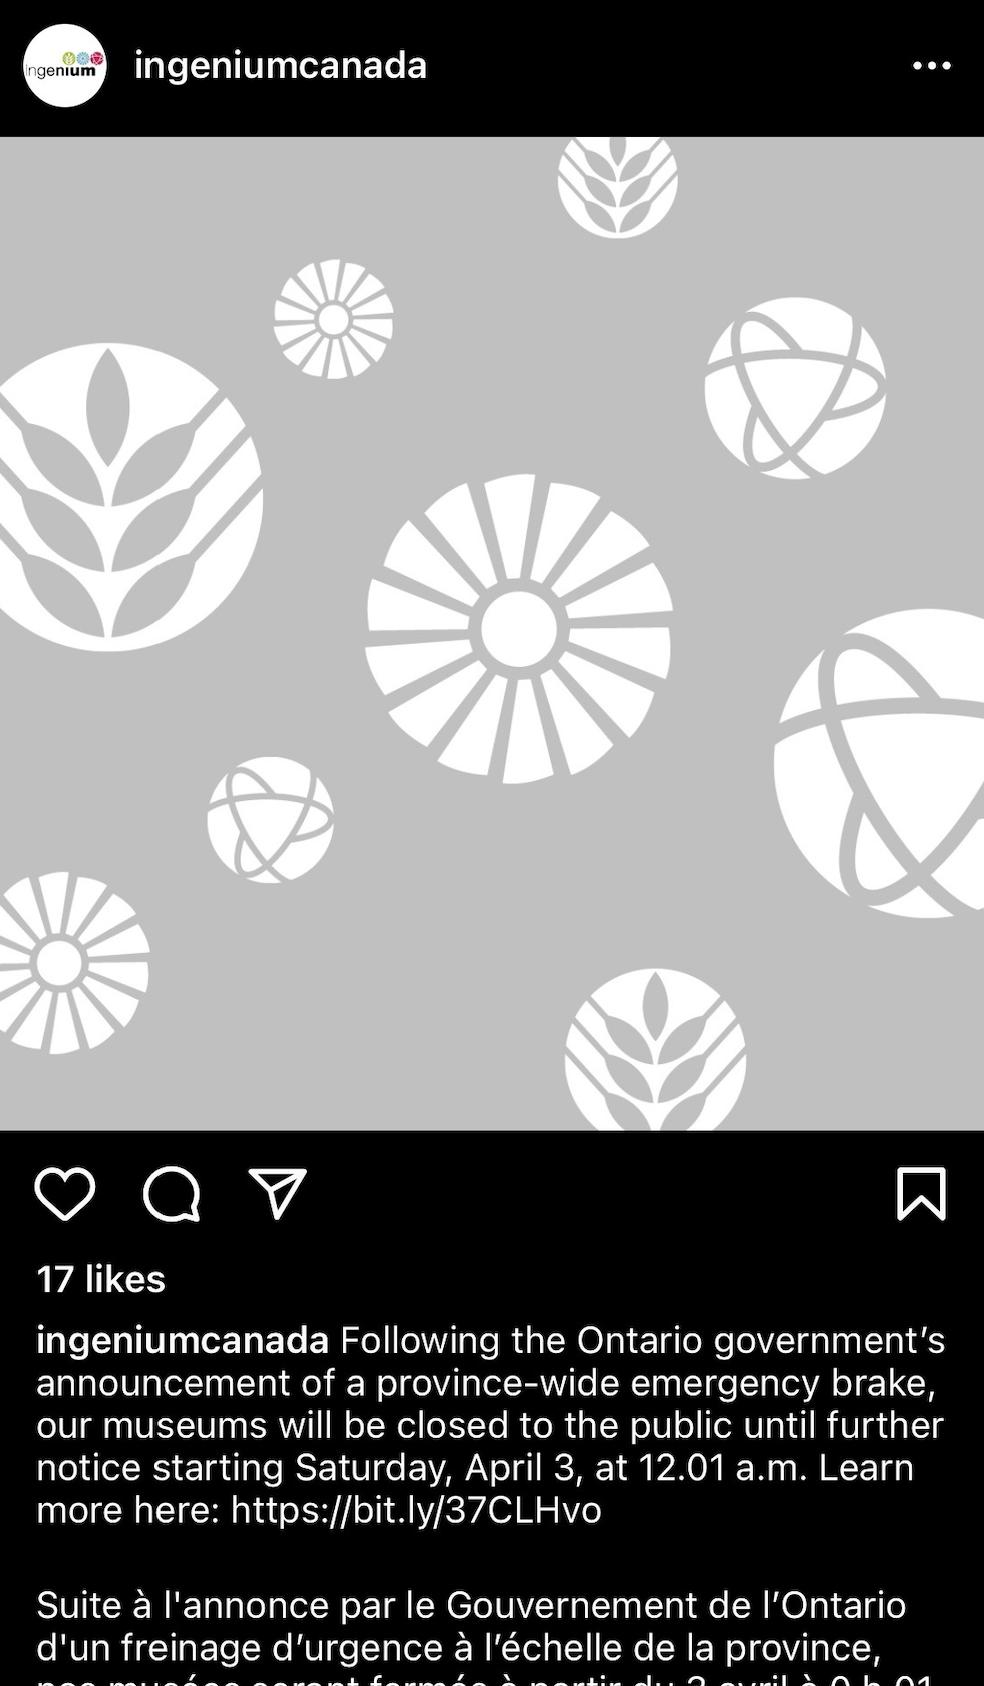 Recent Ingenium post to Instagram